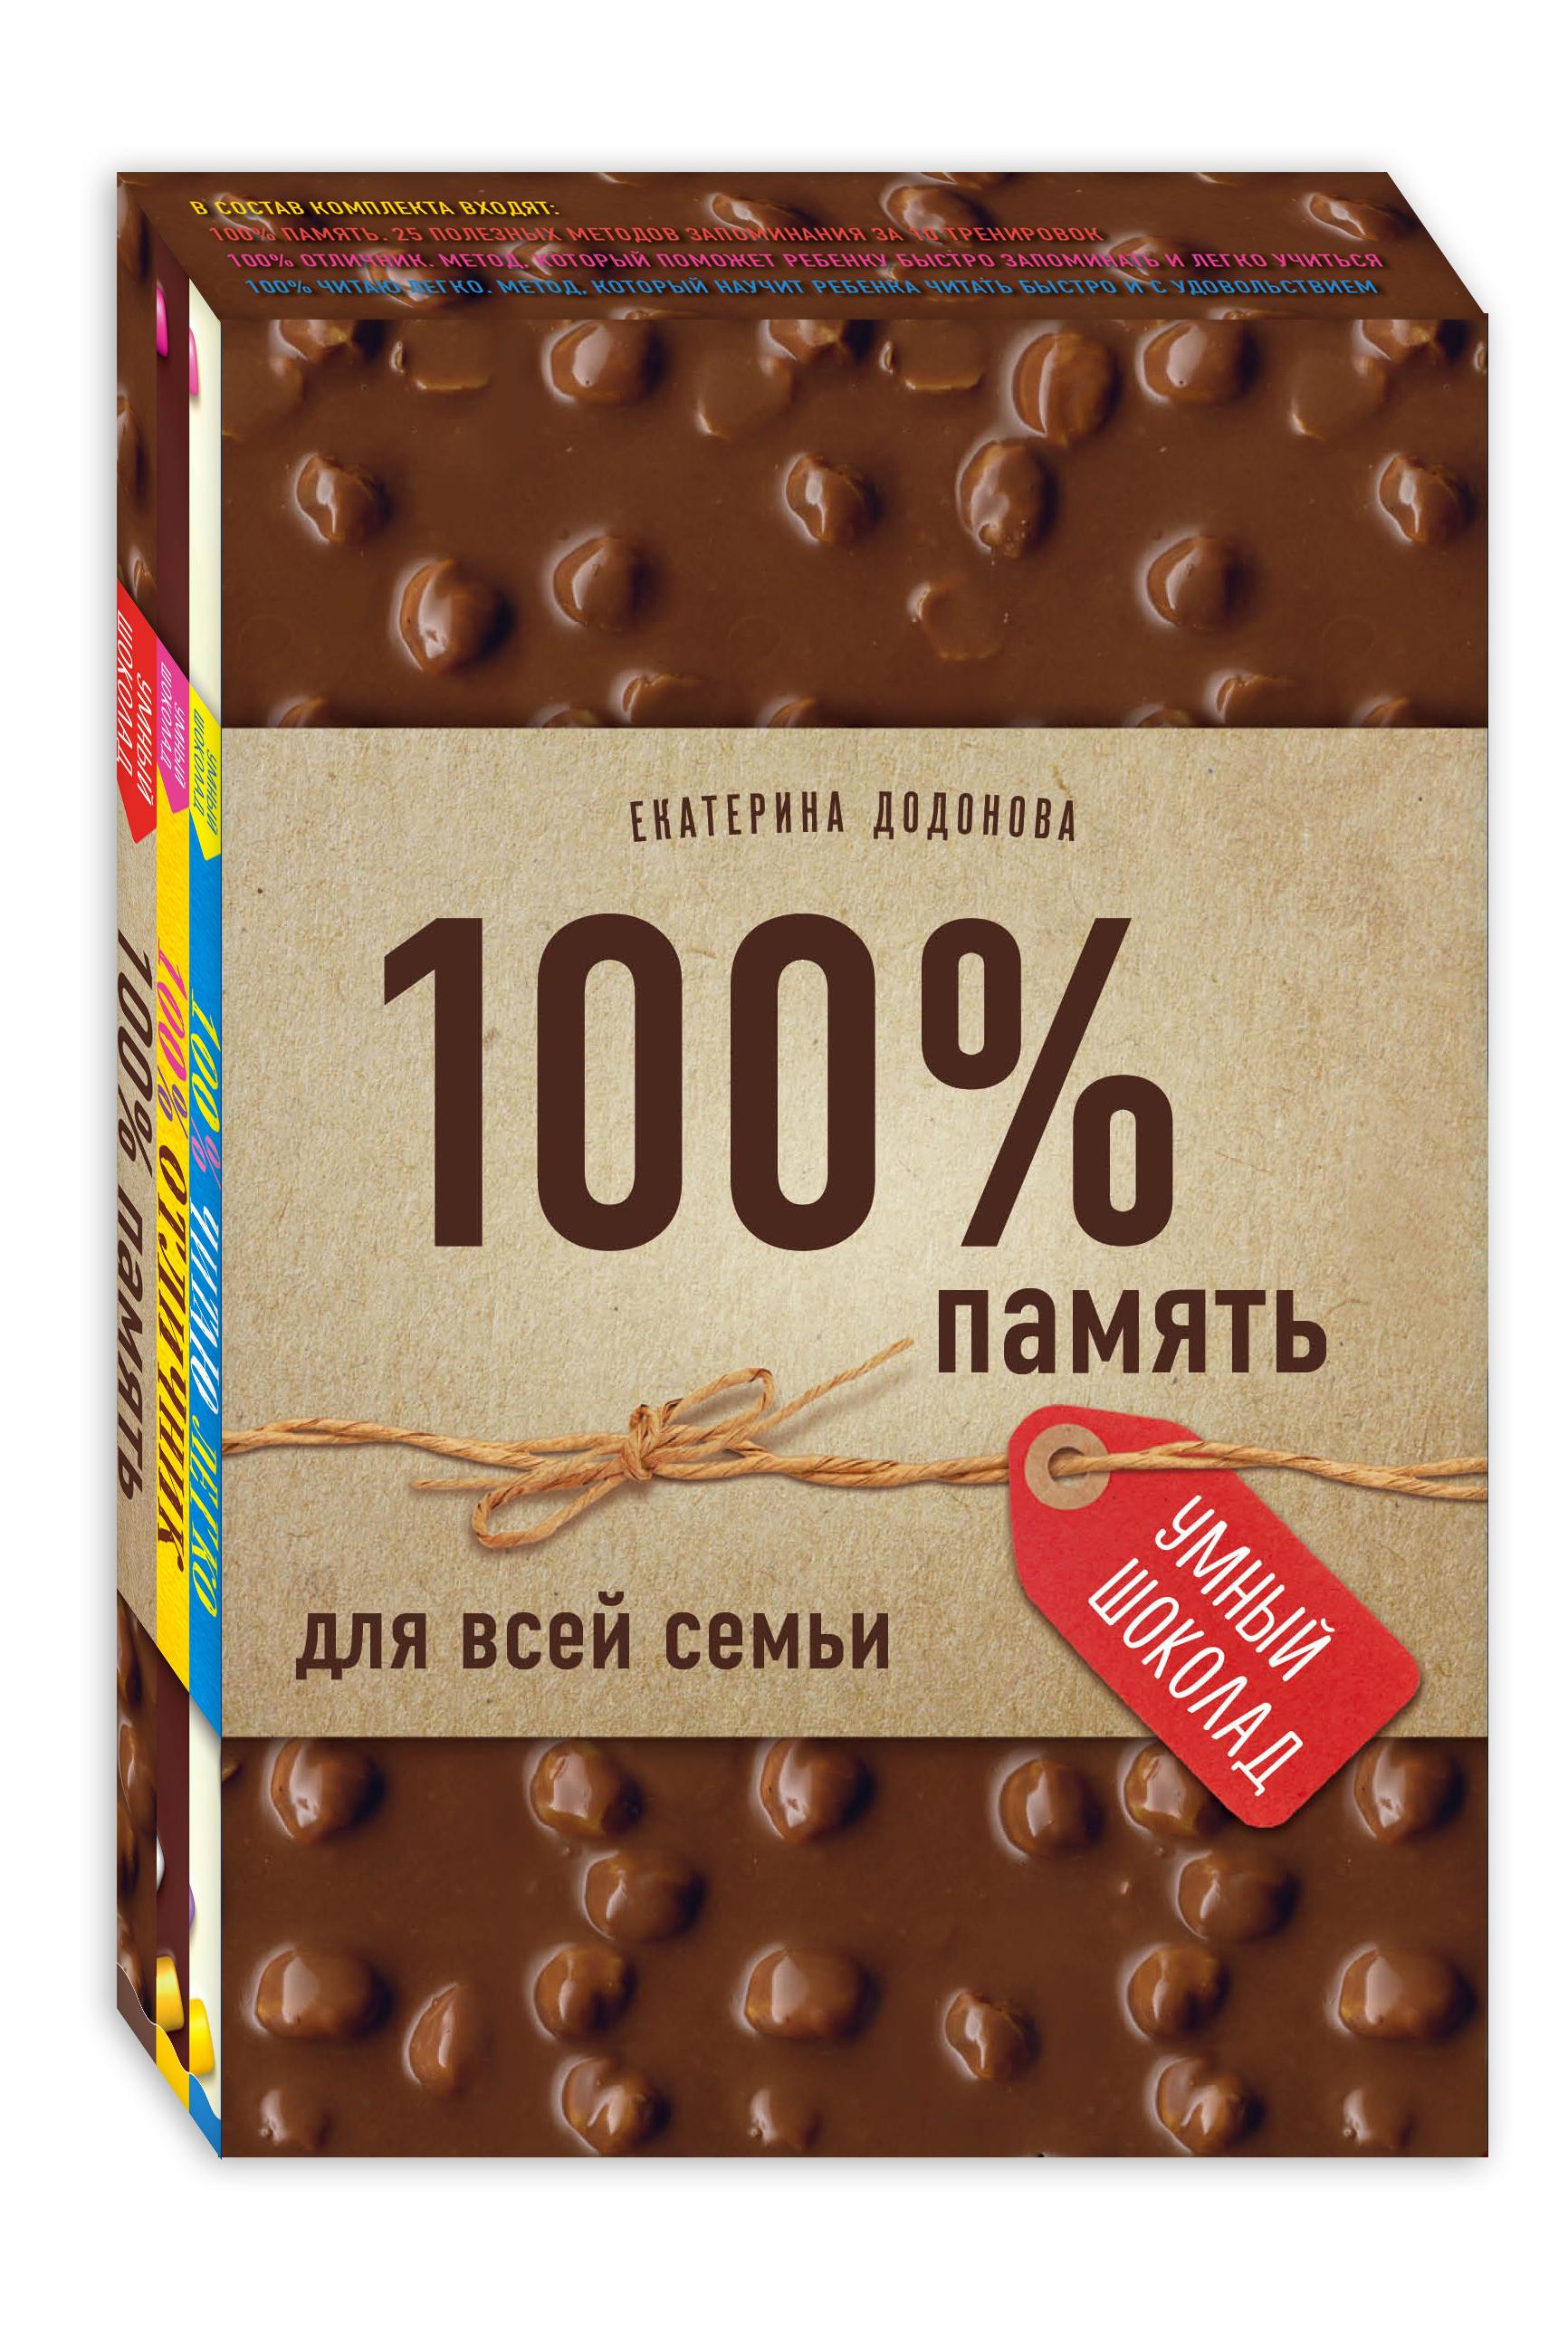 100% память для всей семьи (100% отличник, 100% память, 100% читаю легко) цена